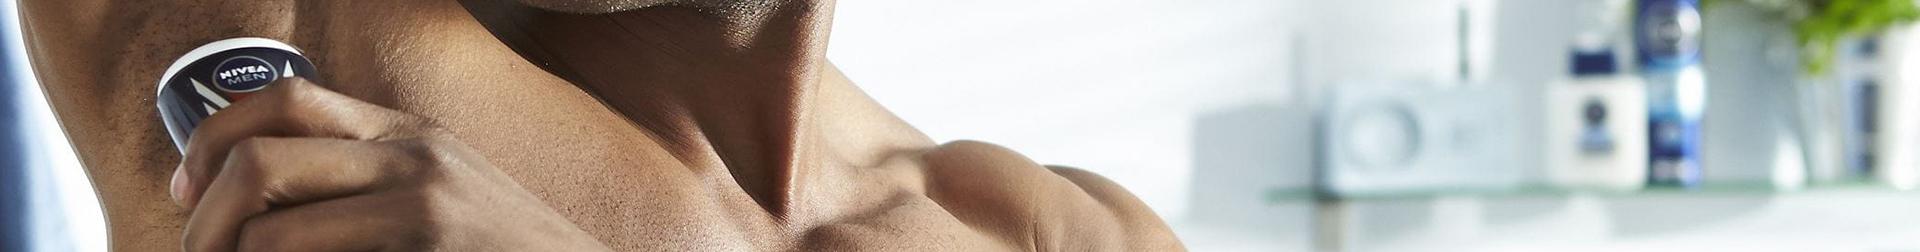 Deodorant Sticks | Buy Deodorant Sticks For Men | Aromacraze.com